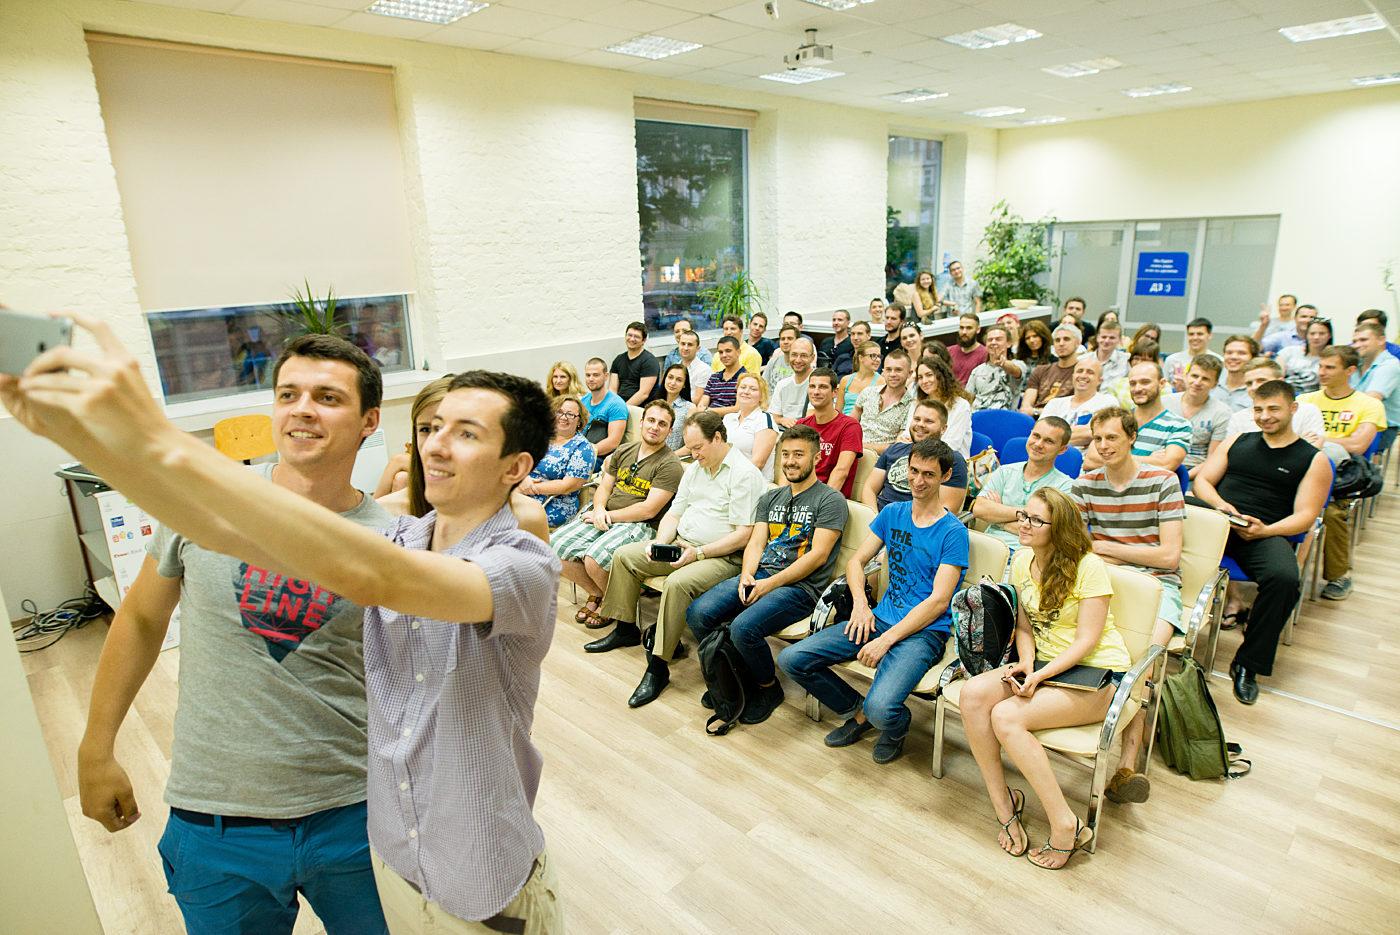 Новости школы: Встреча «Всемирная линзомания от Looksery. Год работы одесситов в США»